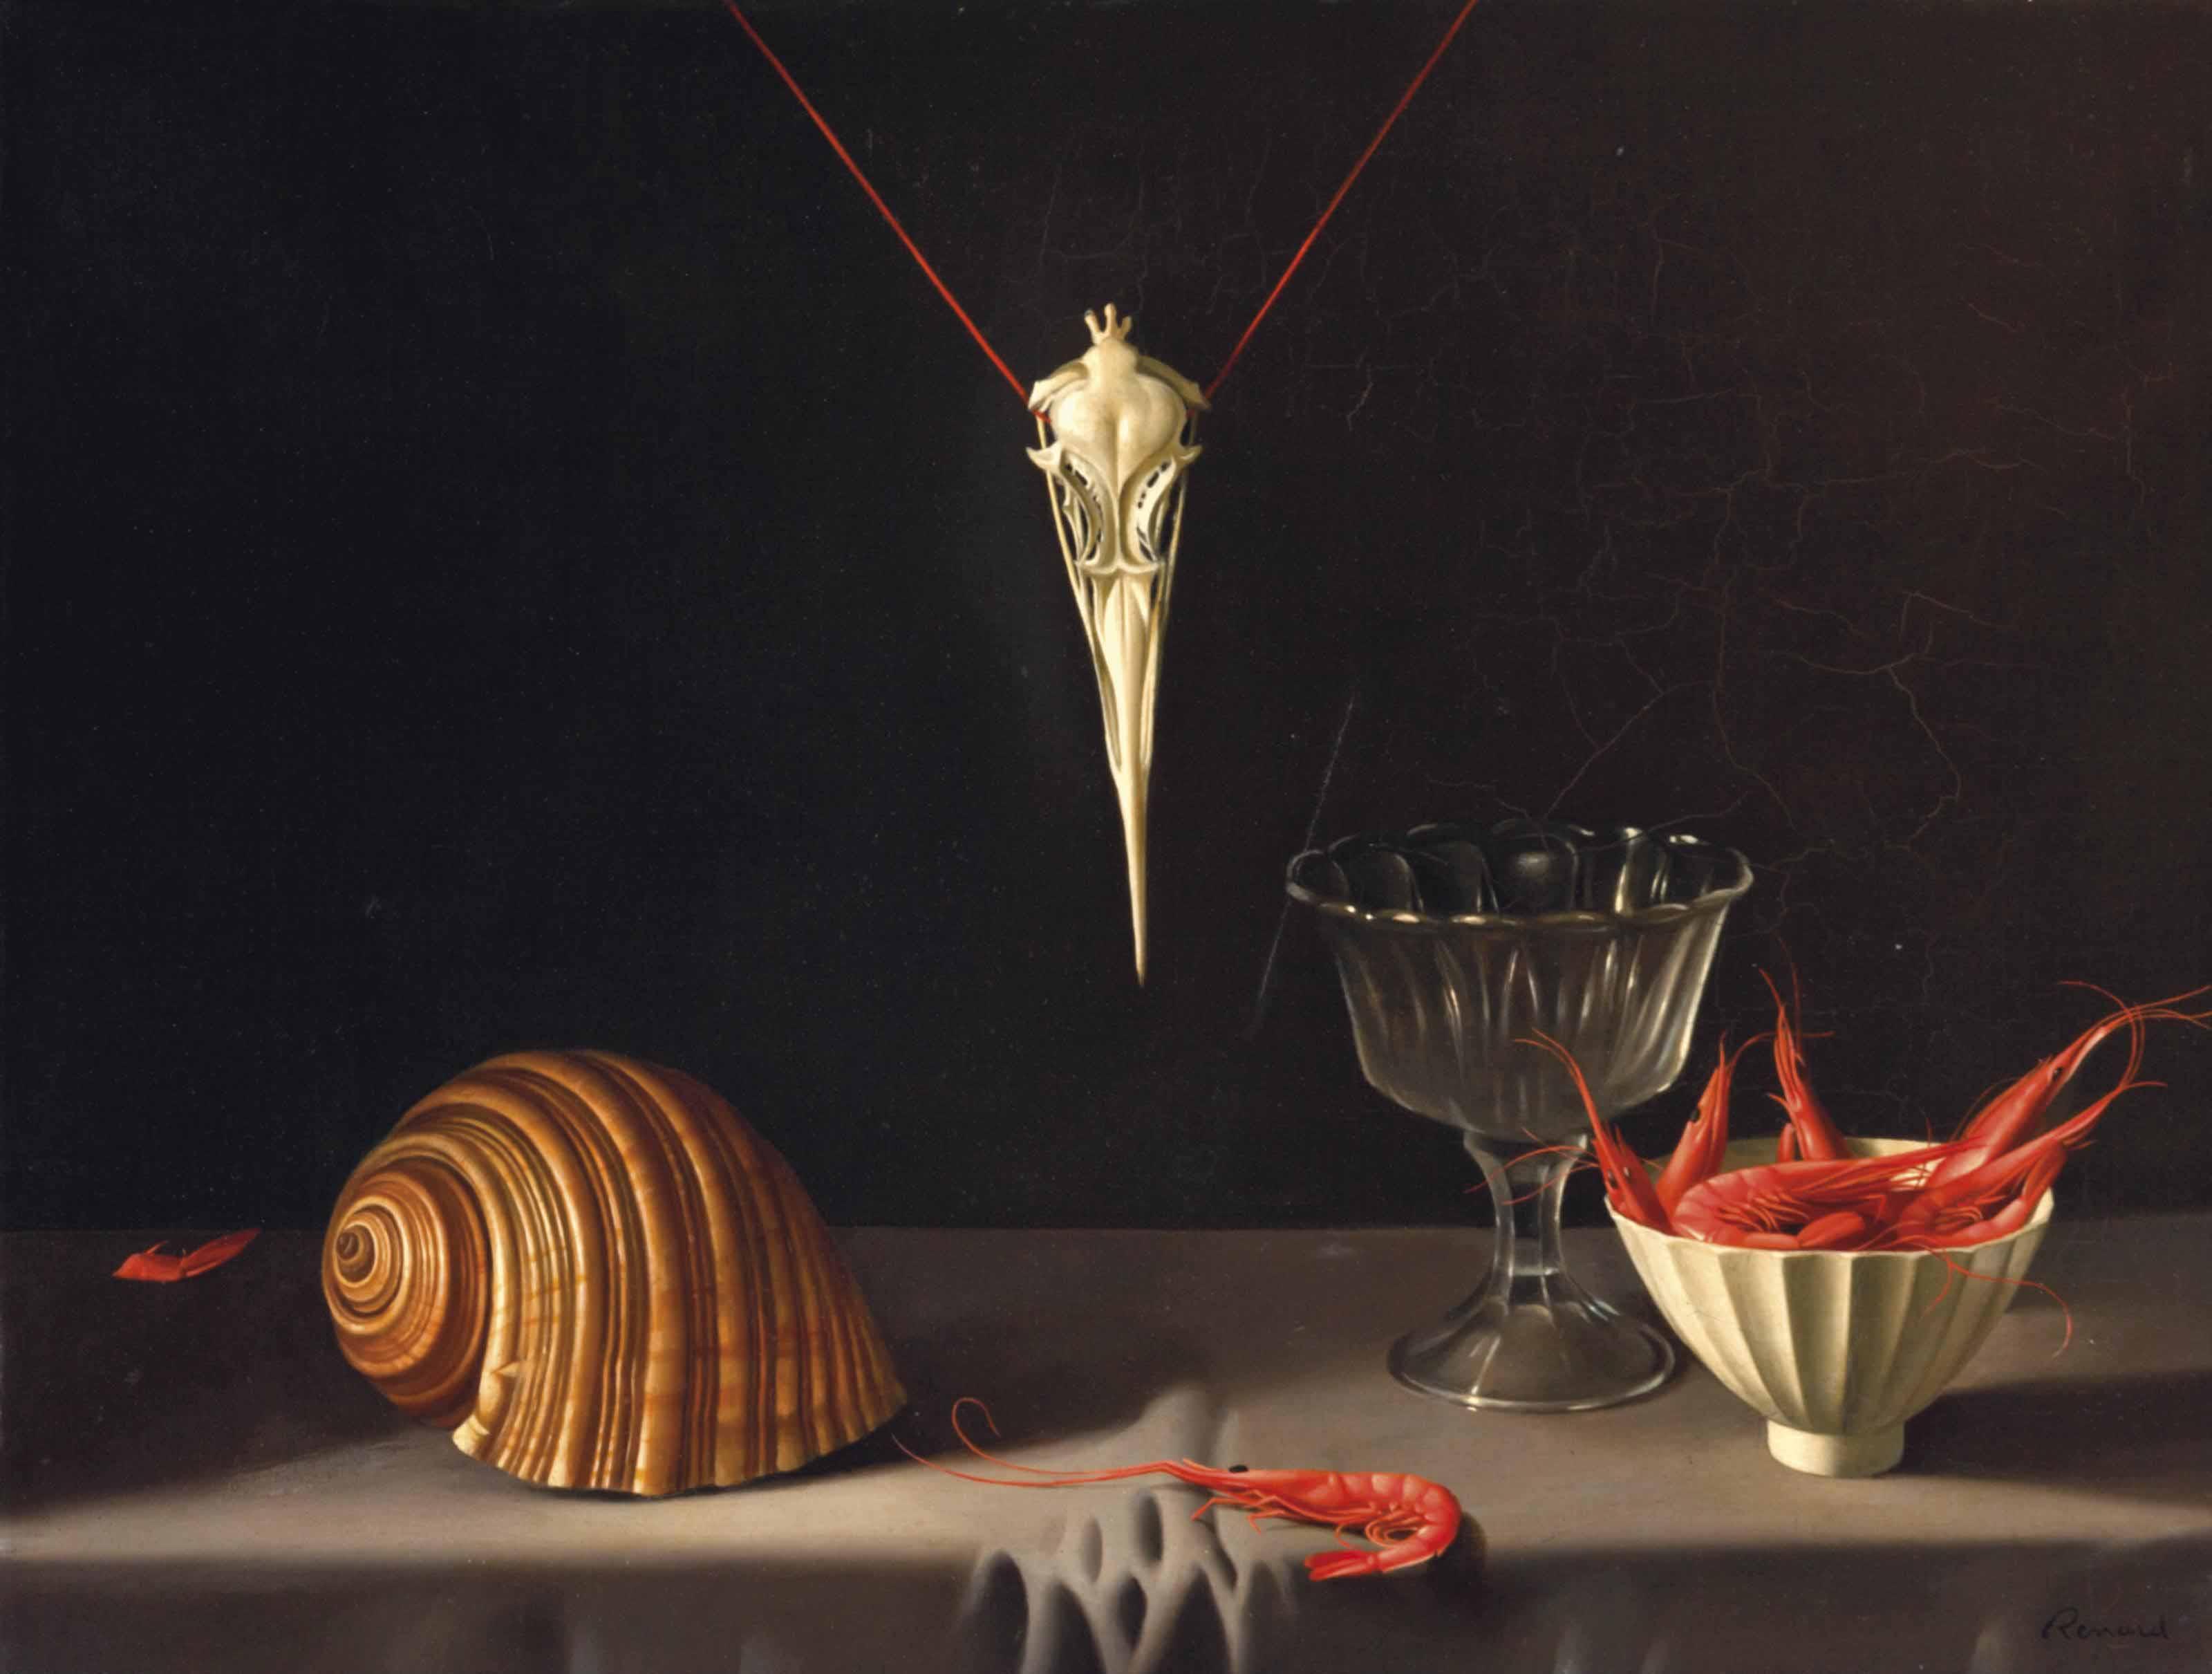 Coquillage, Crevettes et Crâne d'Oiseau